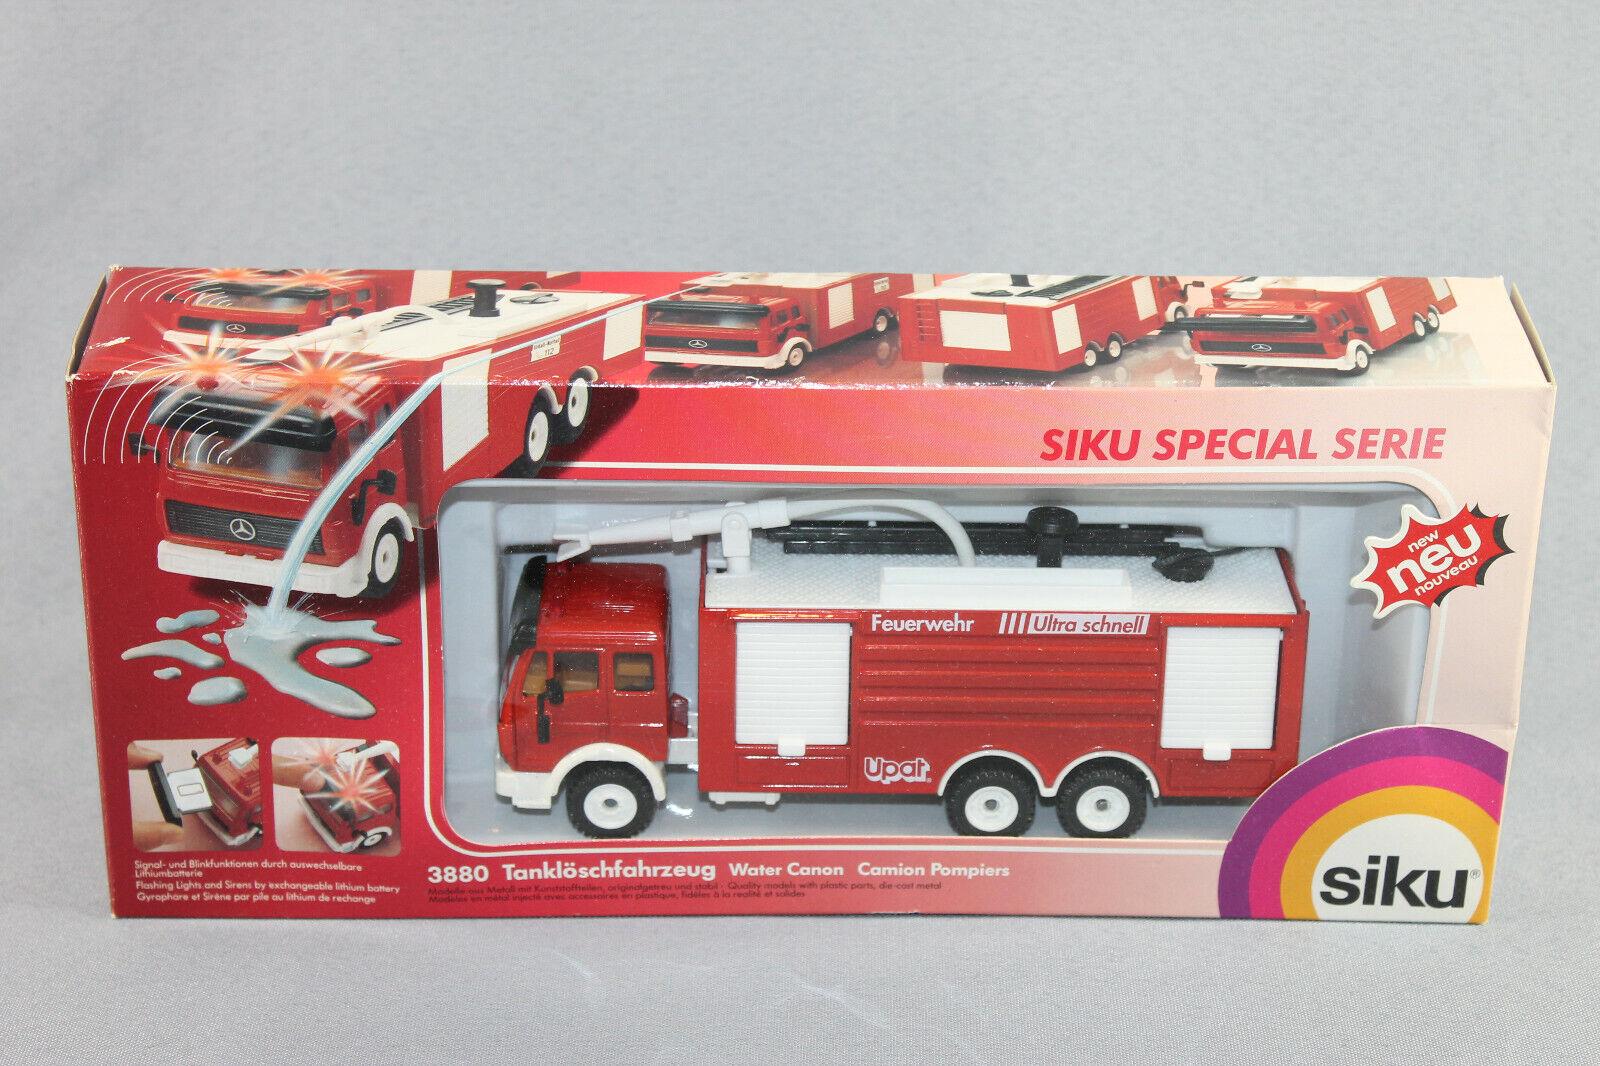 SIKU 3880 pompiers Tanklöschfahrzeug UPAT publicitaires Modèle SUPER-série dans neuf dans sa boîte